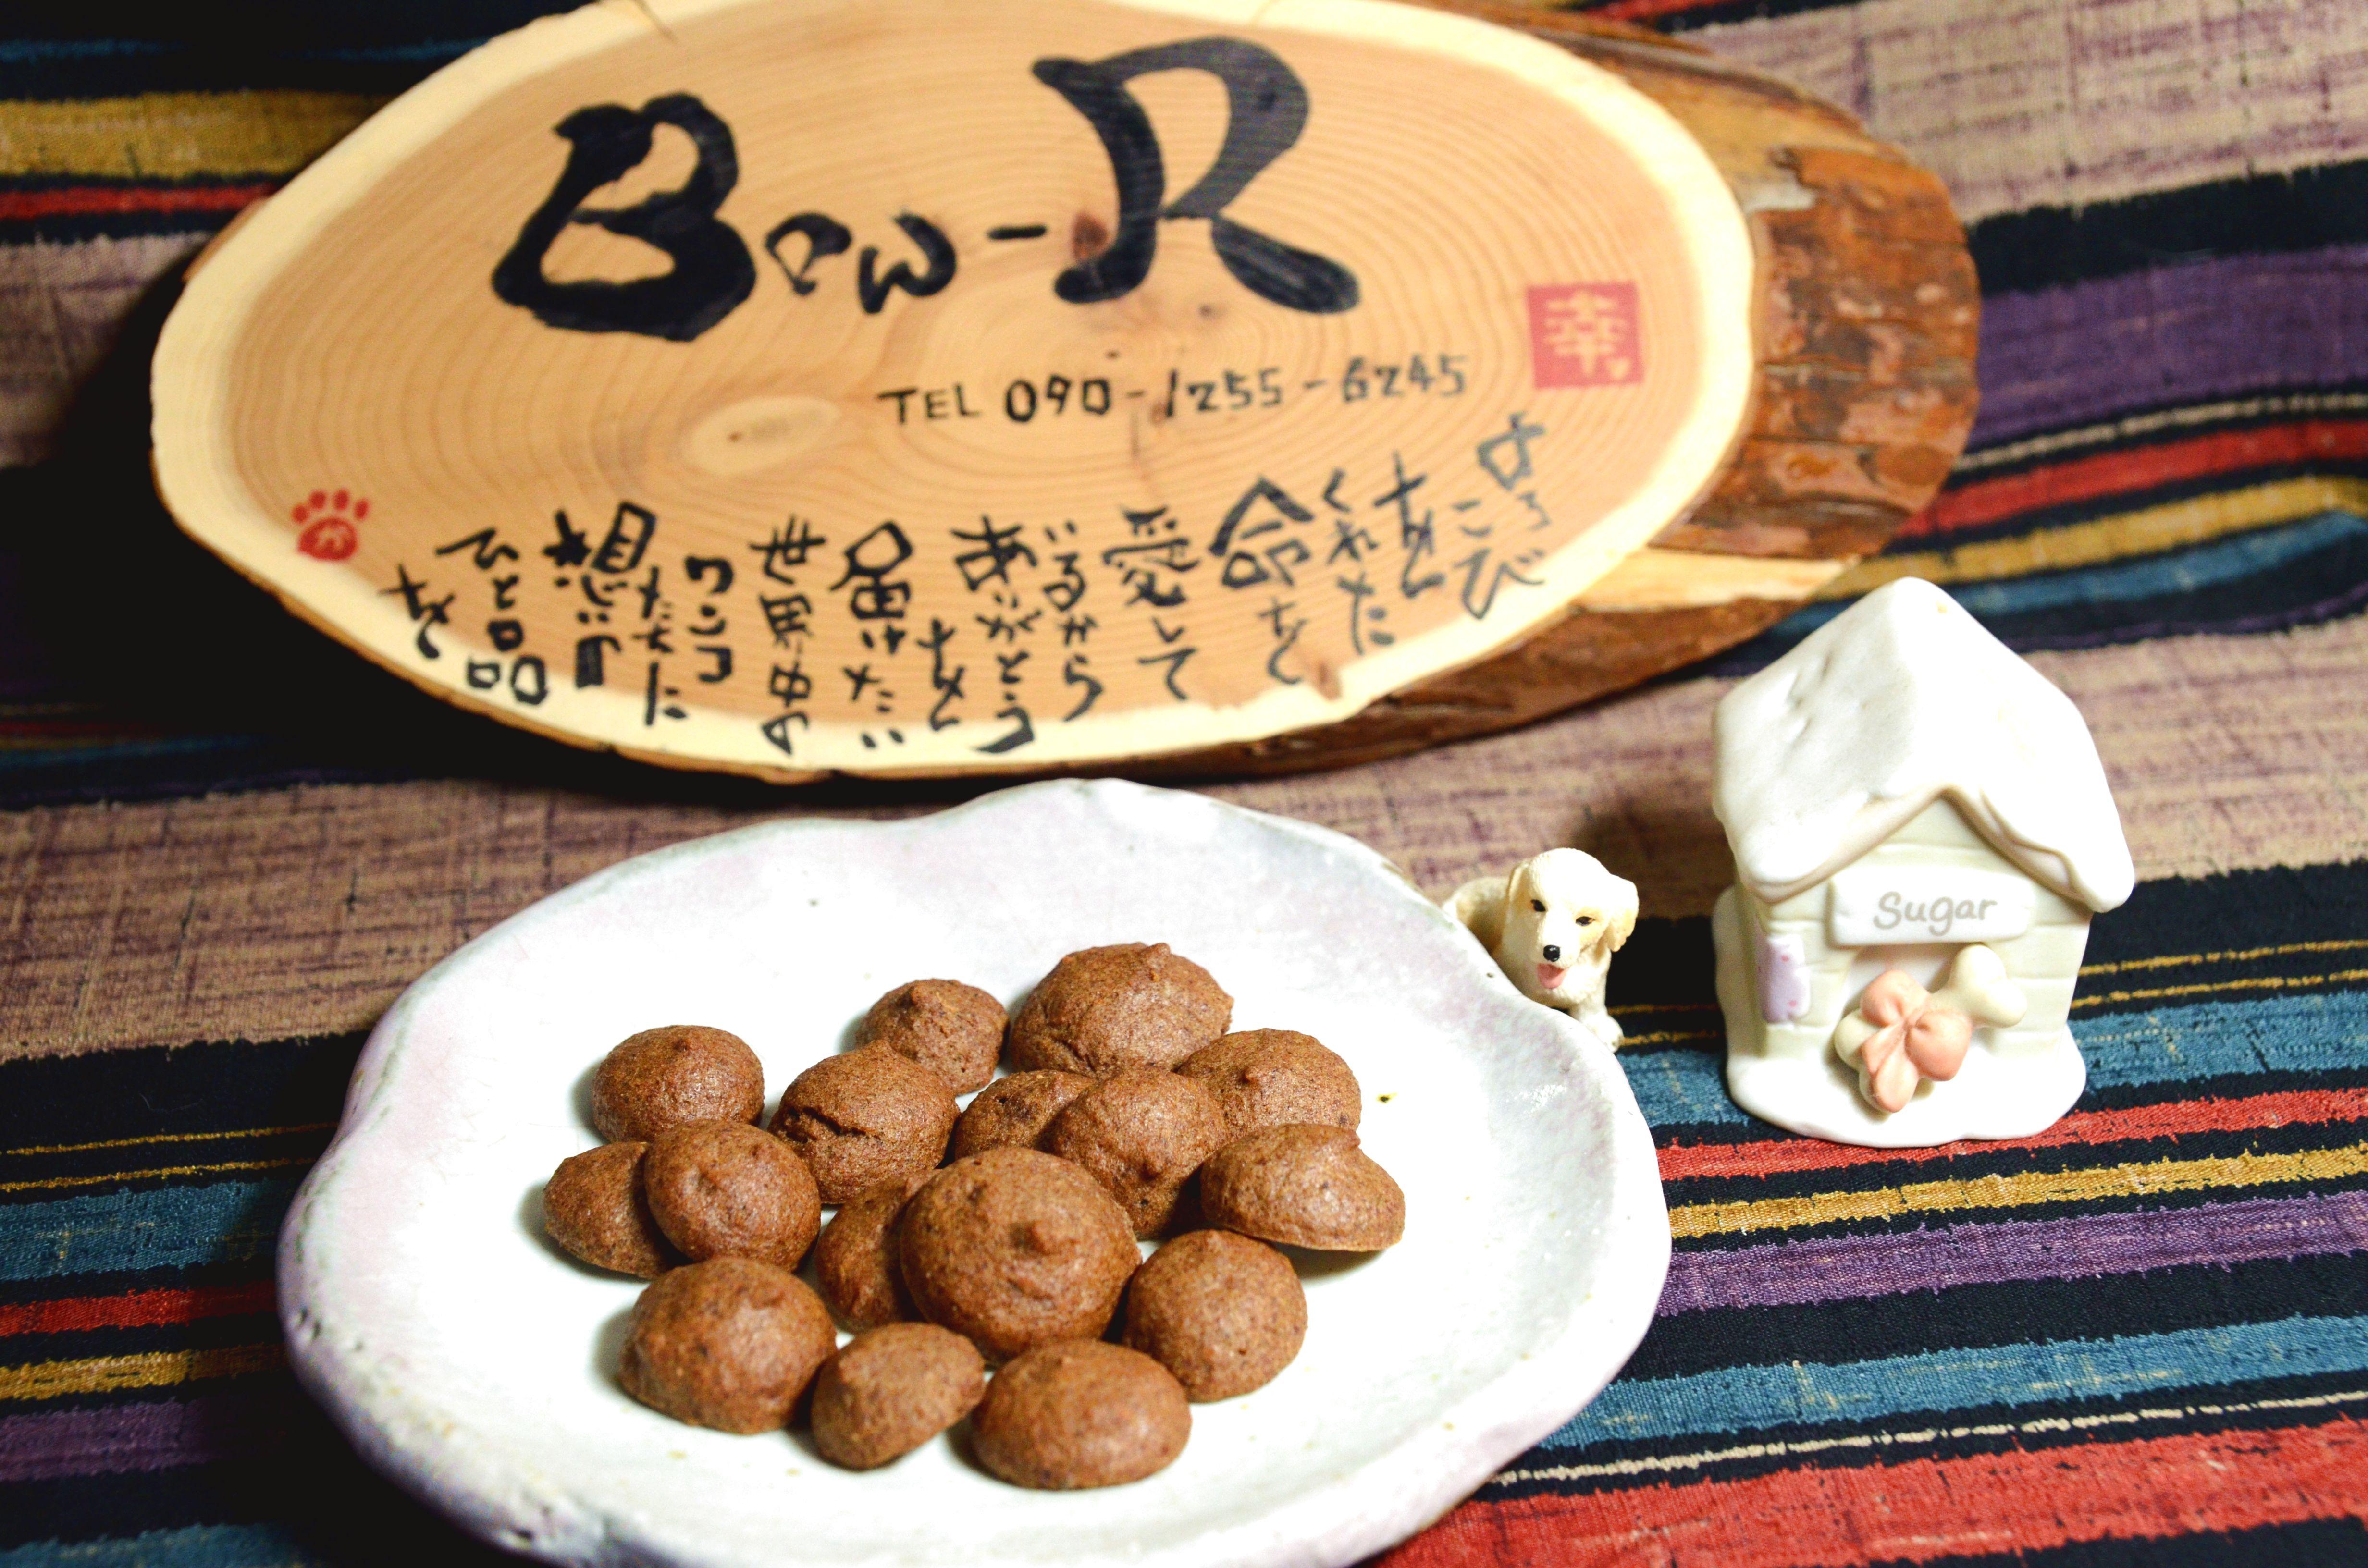 無薬鶏レバーに無農薬国産にんにく 自然栽培米米粉を使ったグルテンフリークッキーです。